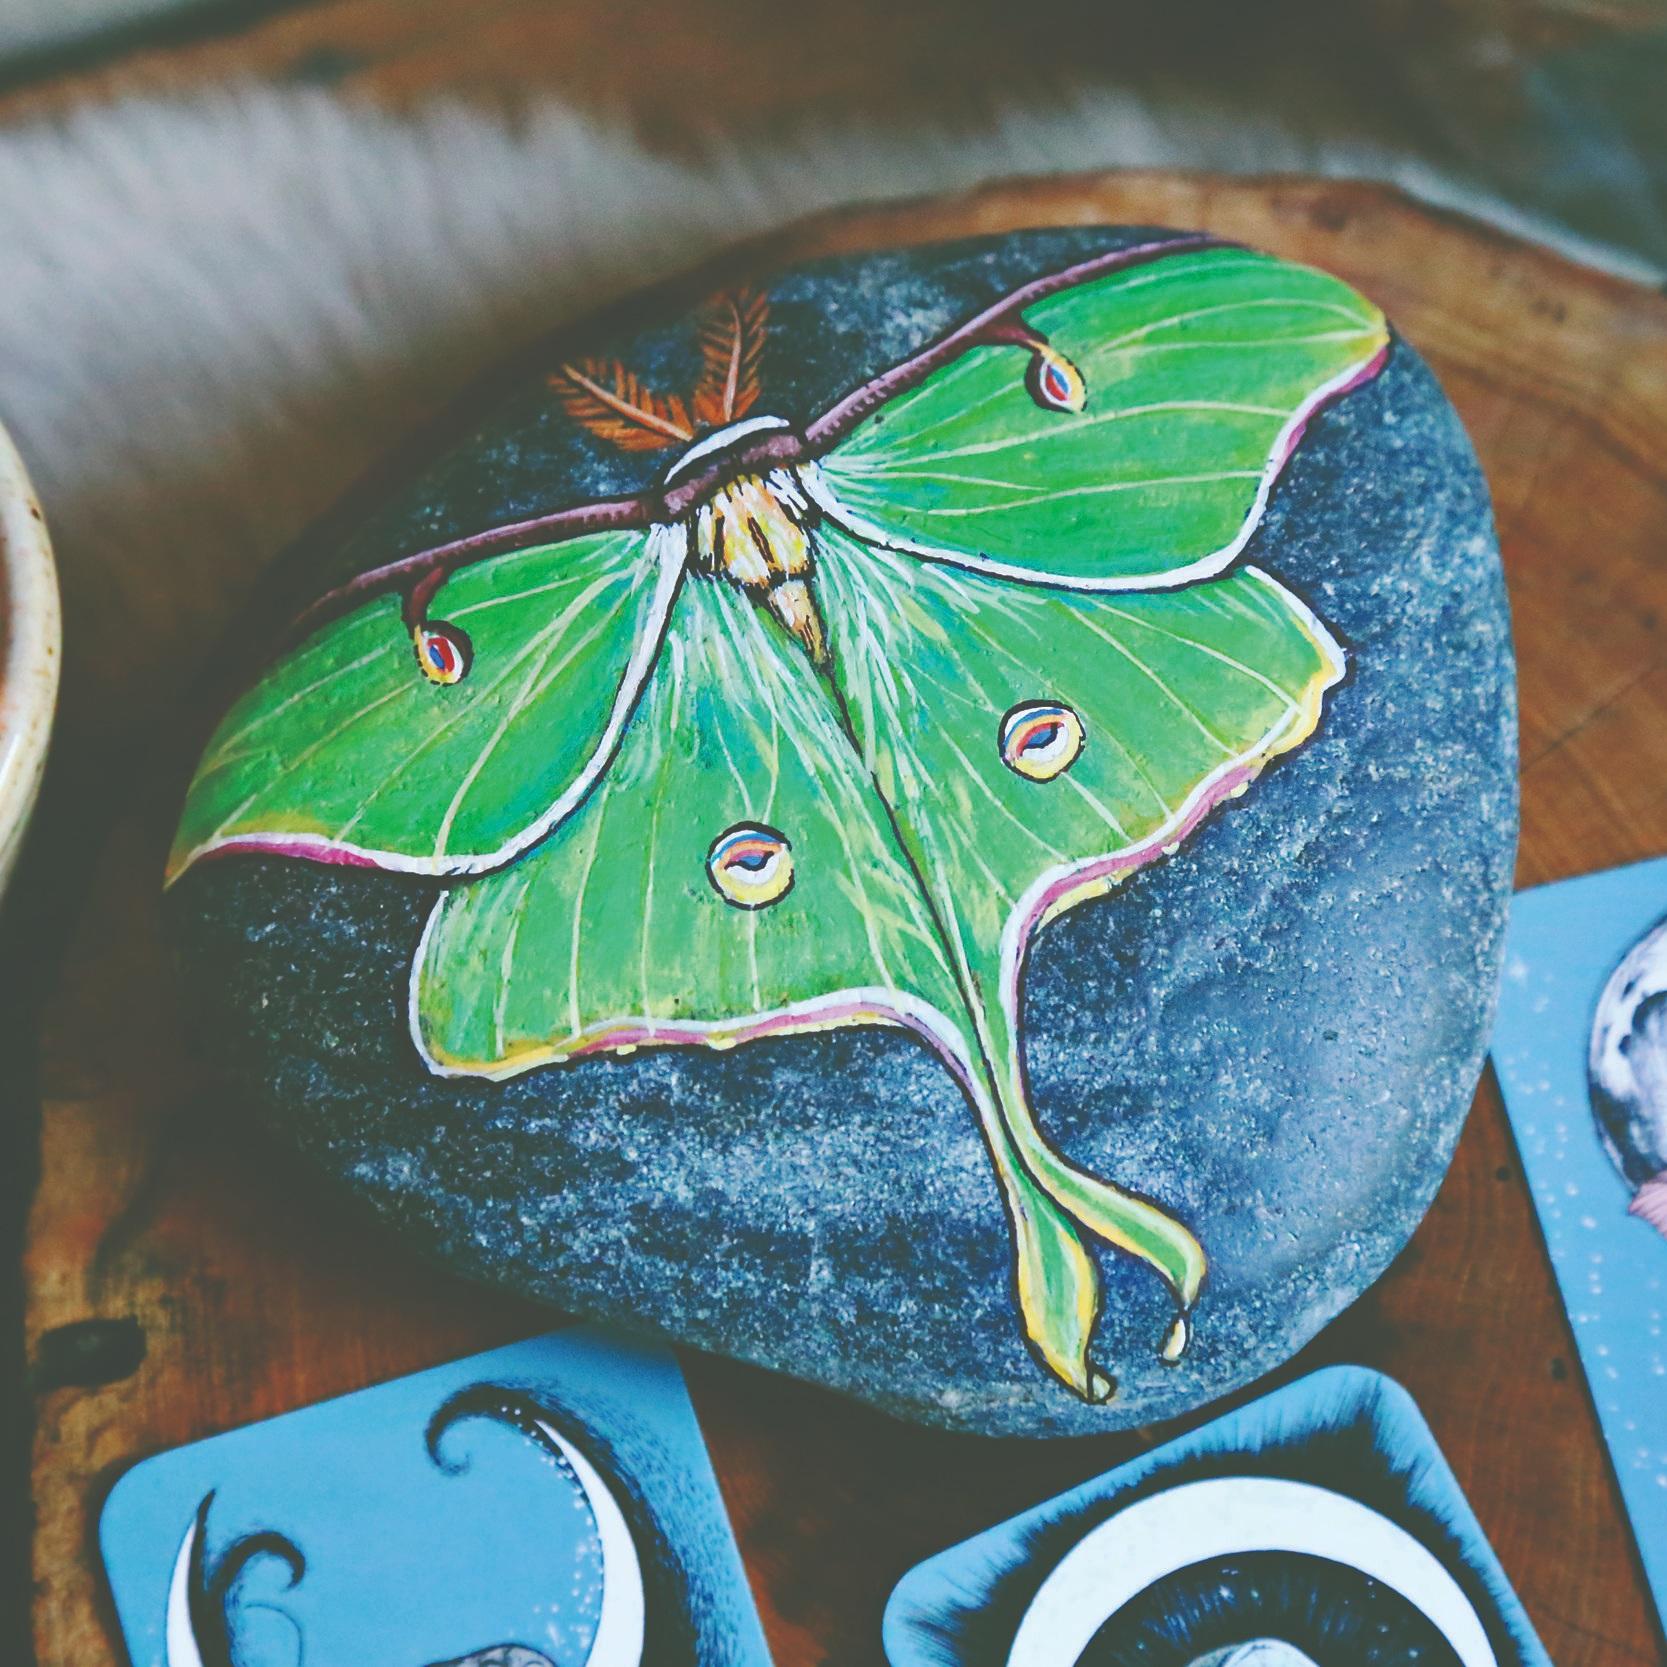 Lotus and Nightshade via bohocollective.com